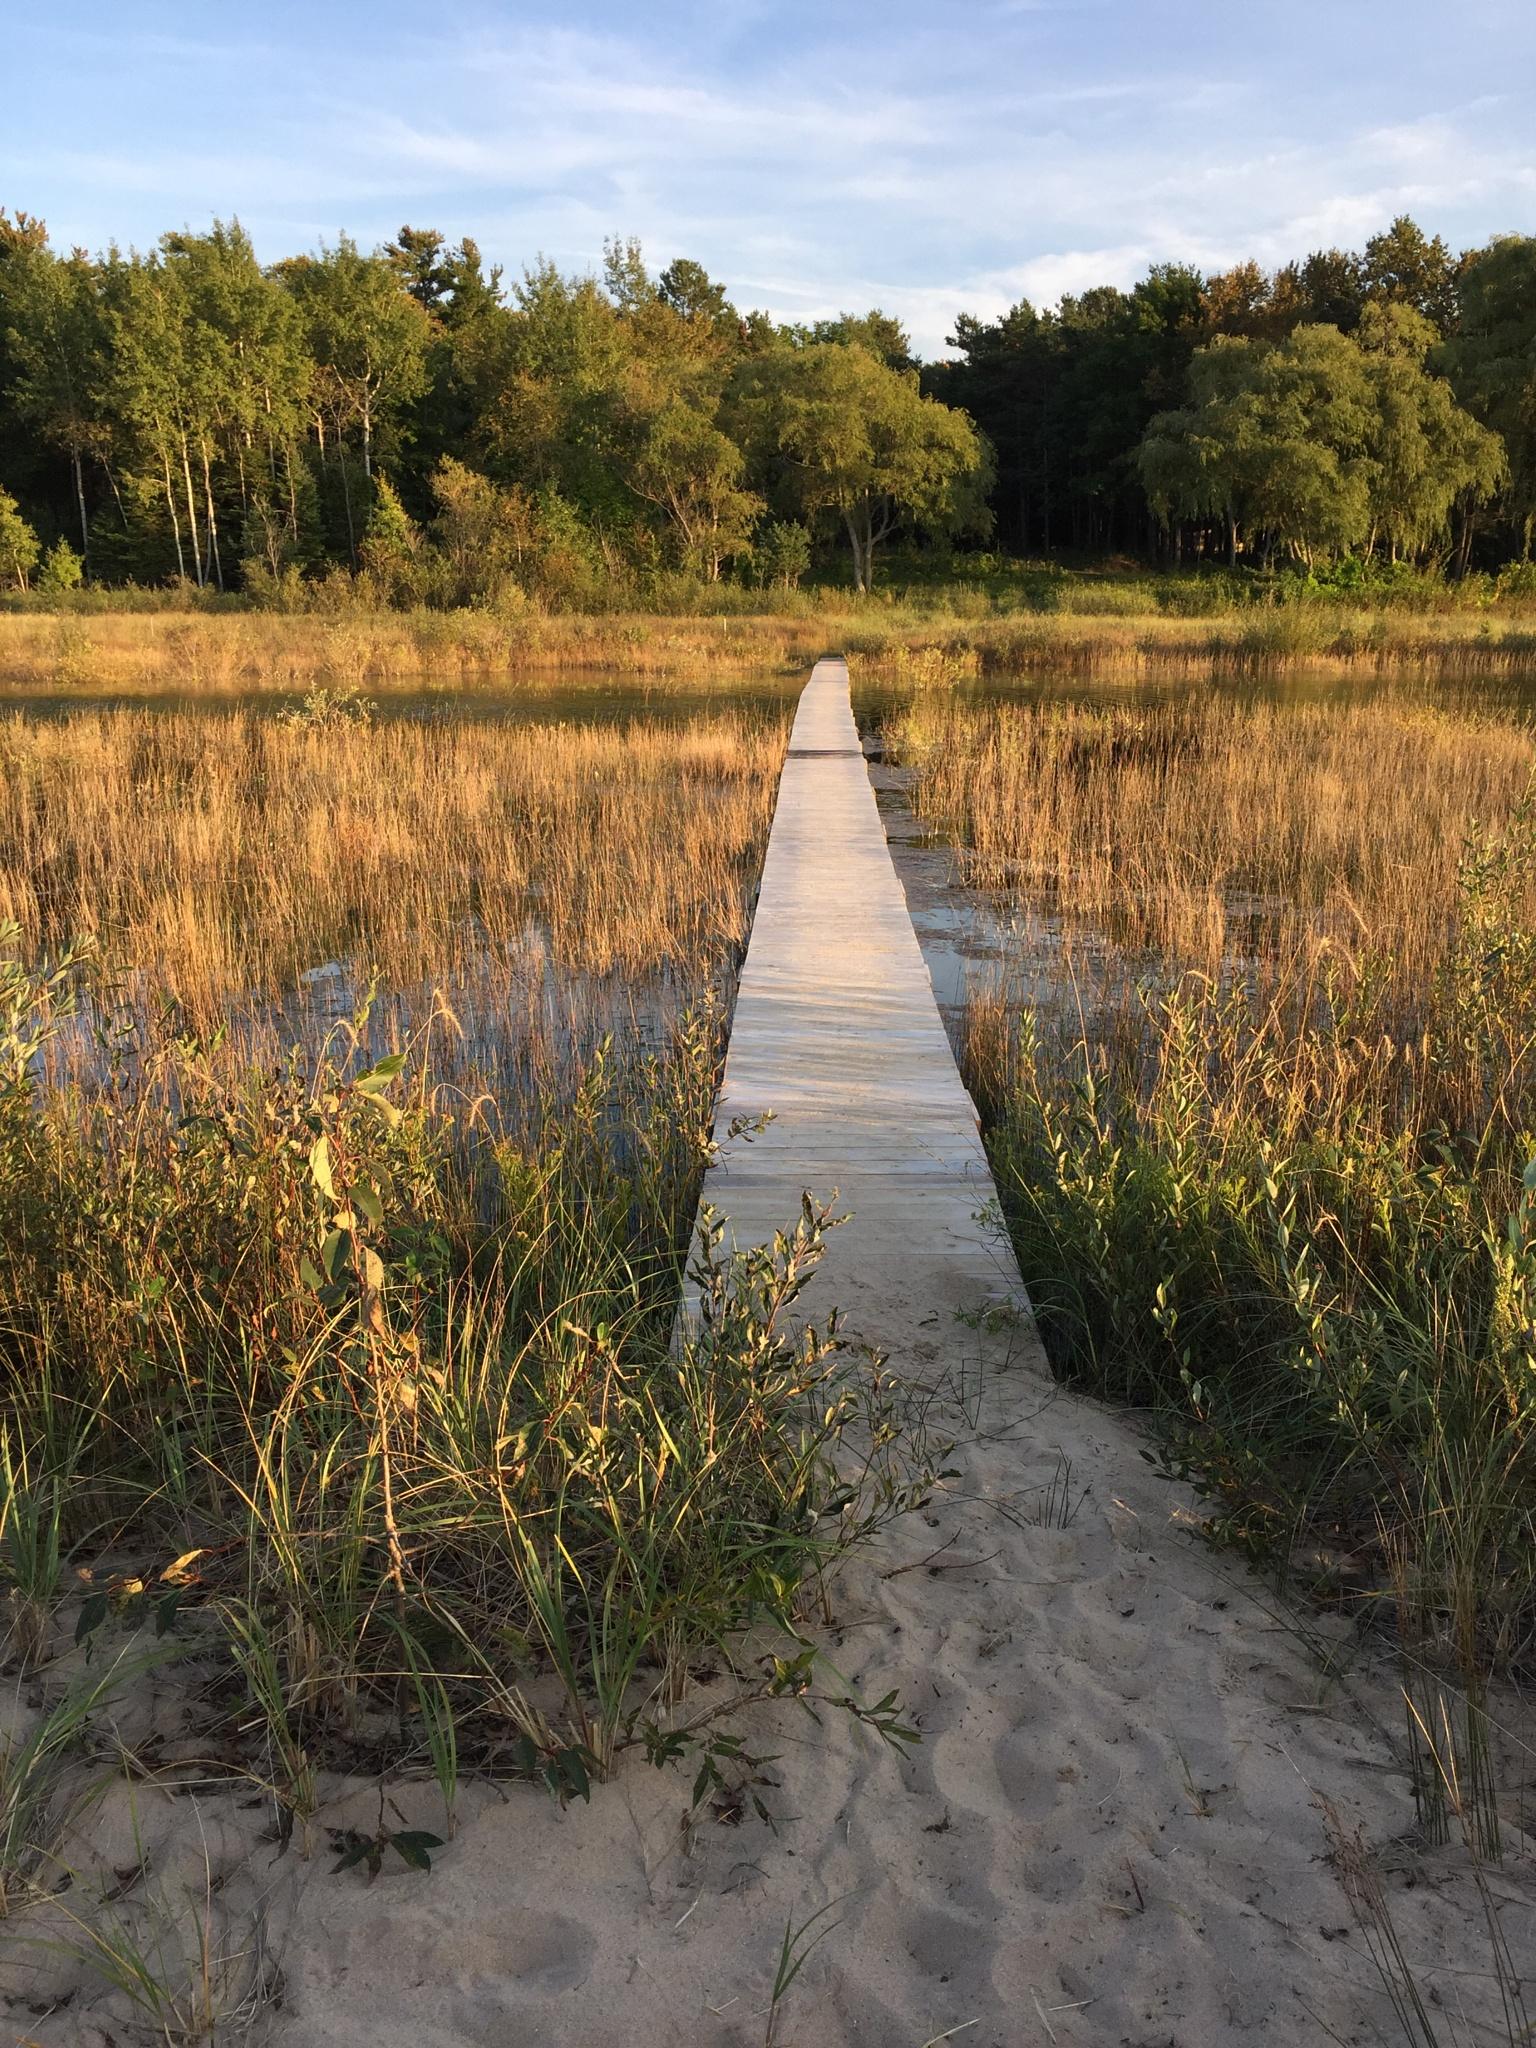 Walking the board walk in the marsh by laurabeammorche1